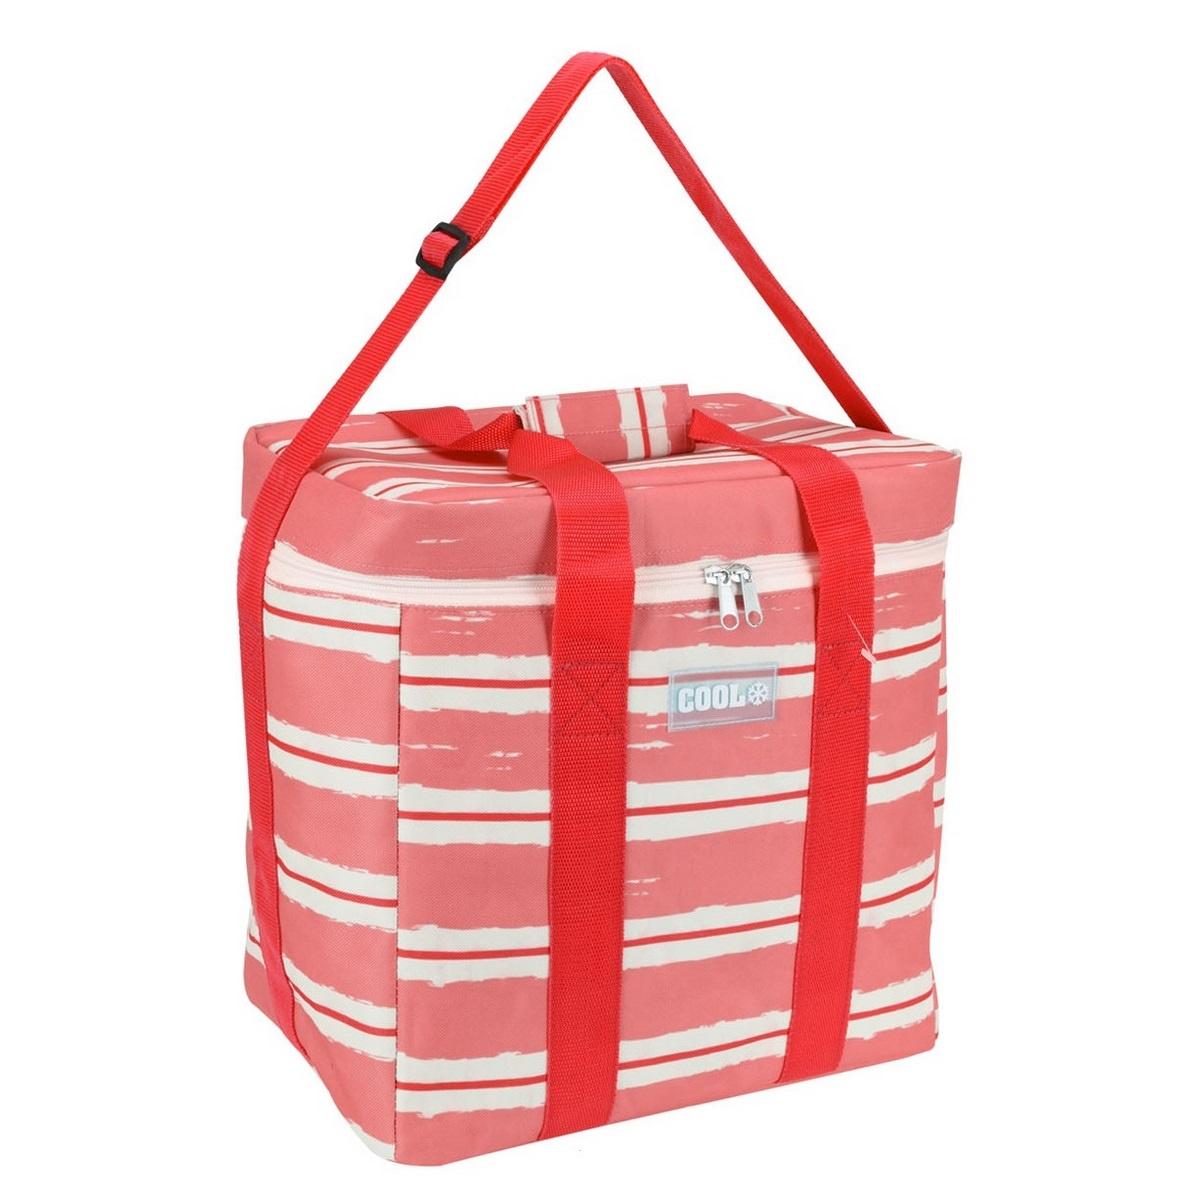 Koopman Chladicí taška Nautical červená, 34 x 22 x 34 cm